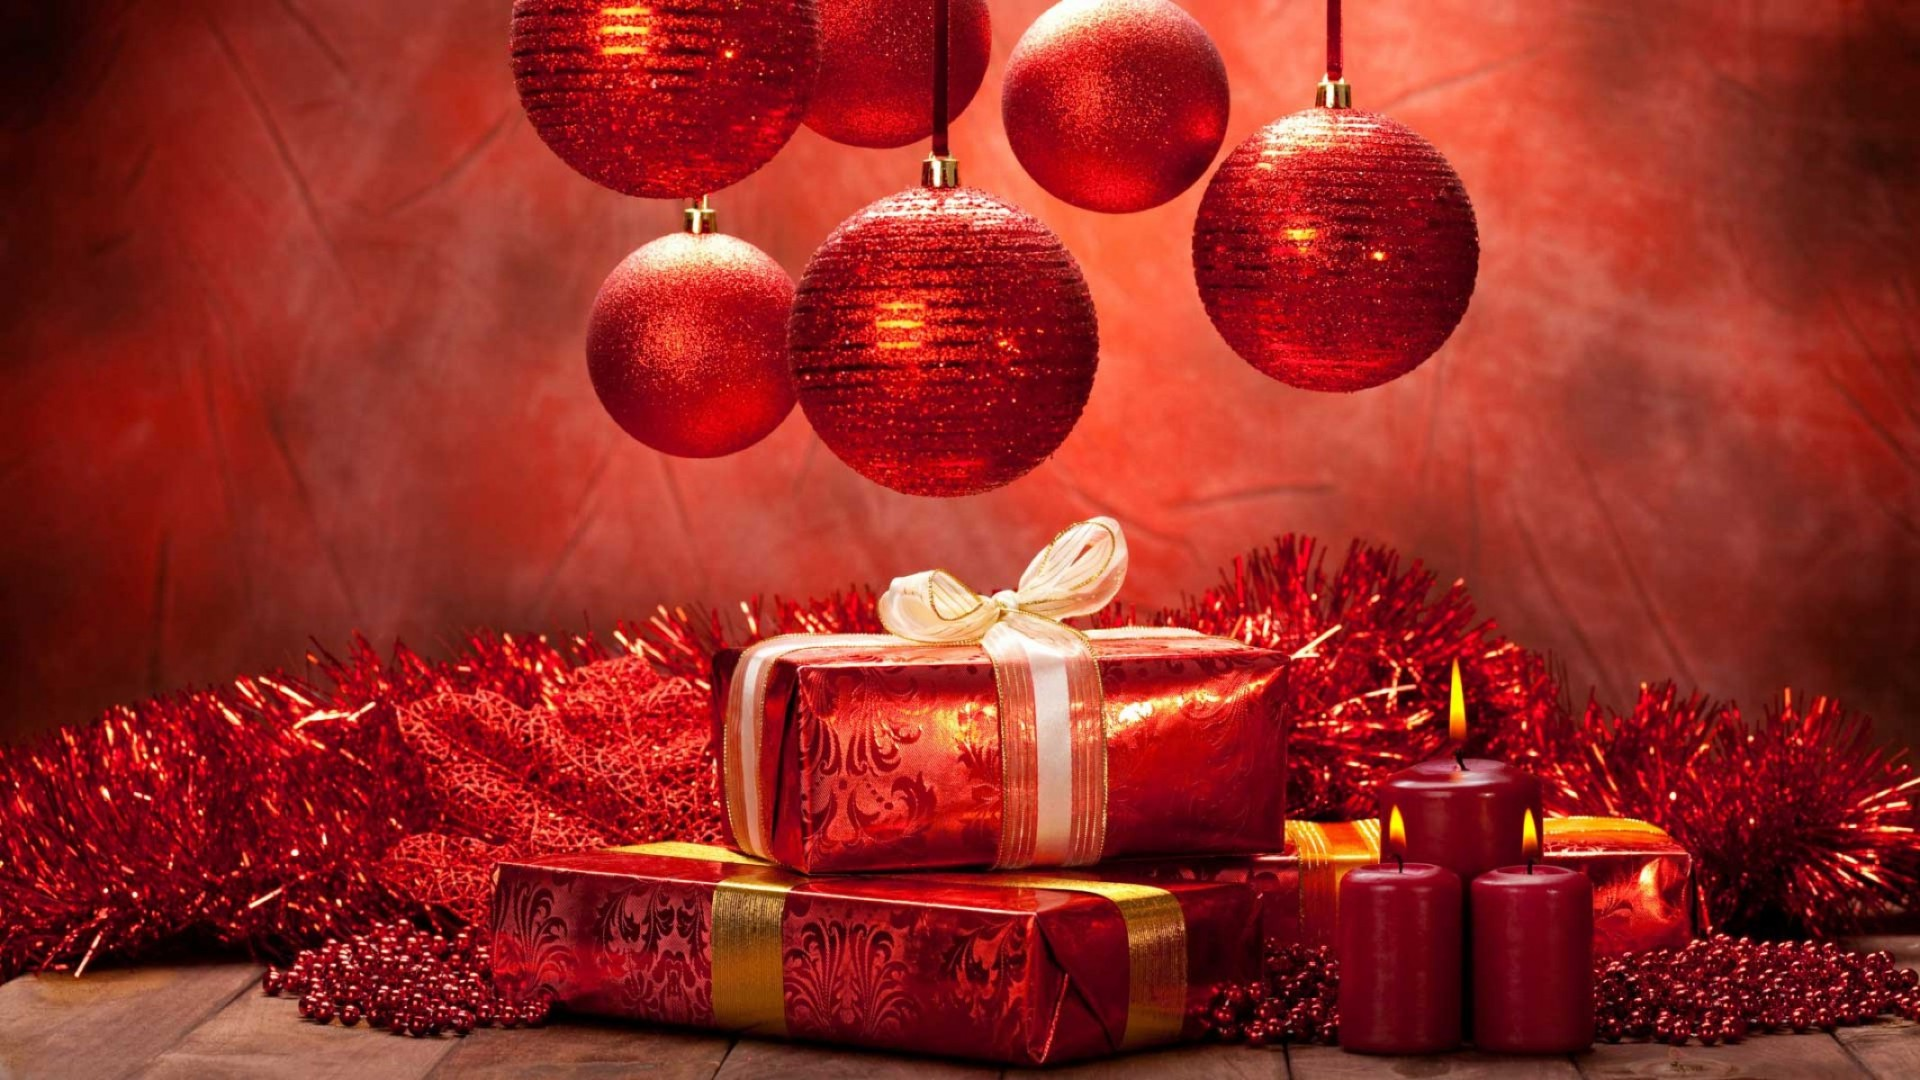 людьми, принадлежащими заствка на рабочий стол новый год гадания подбрасываем